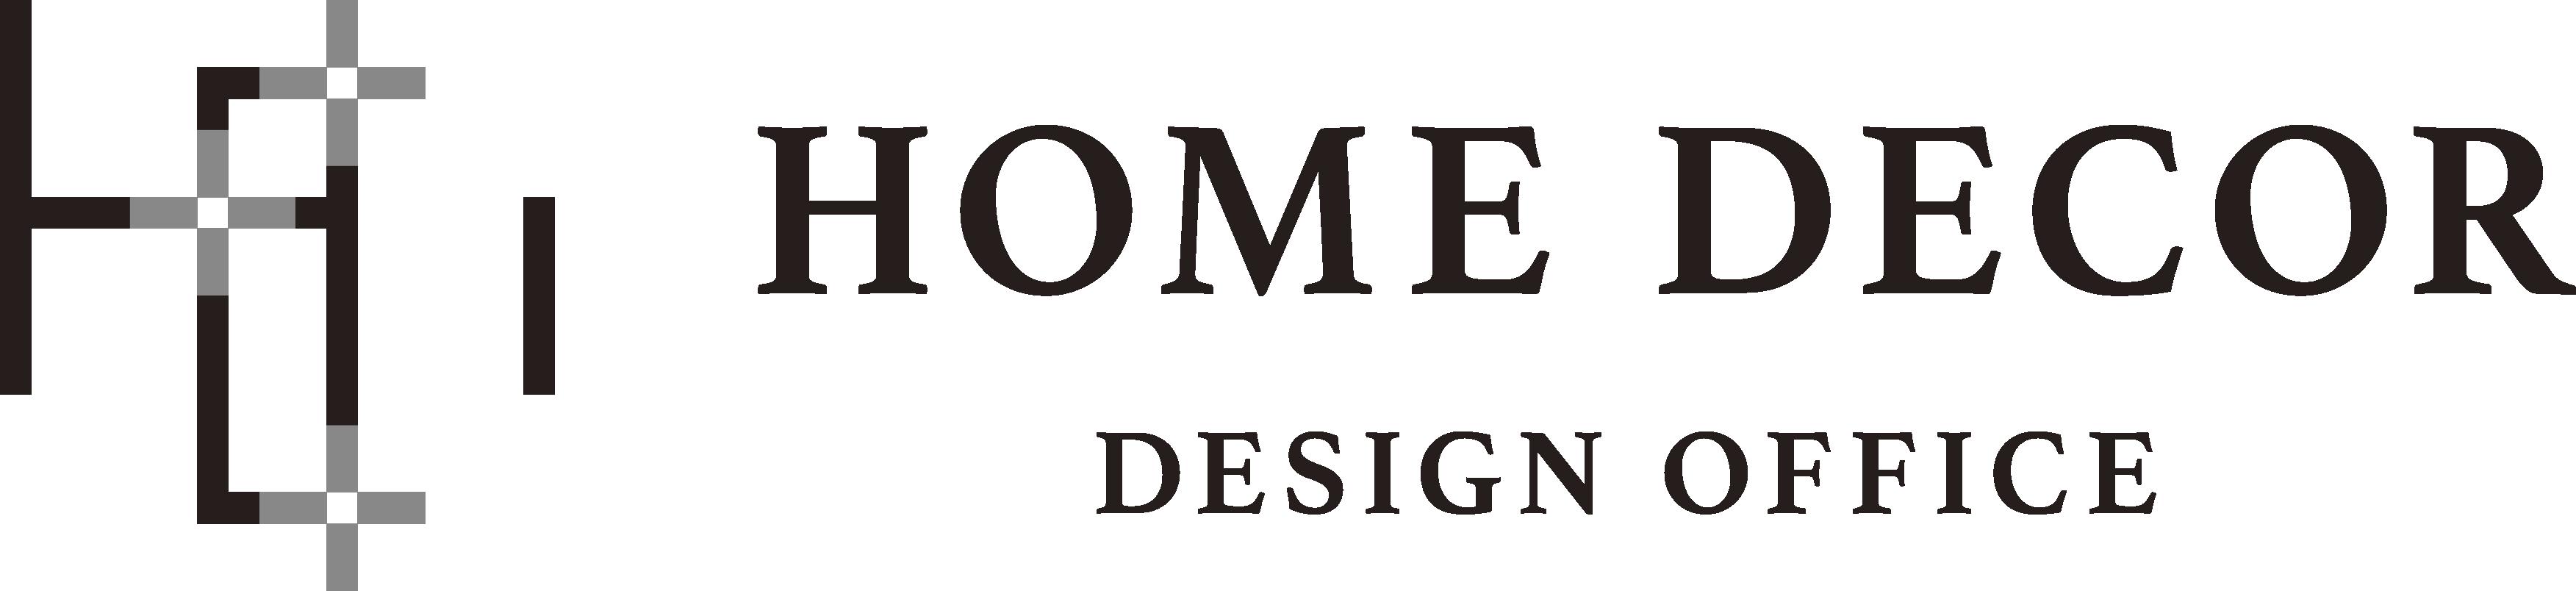 愛知県名古屋市のホームデコール設計事務所合同会社